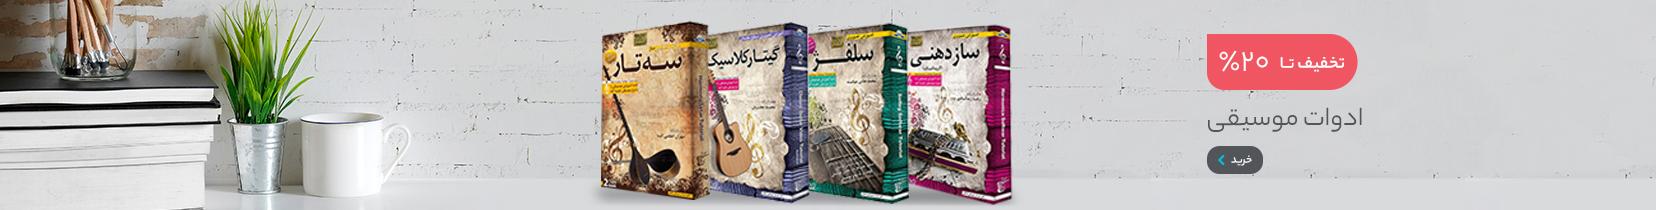 ادوات موسیقی